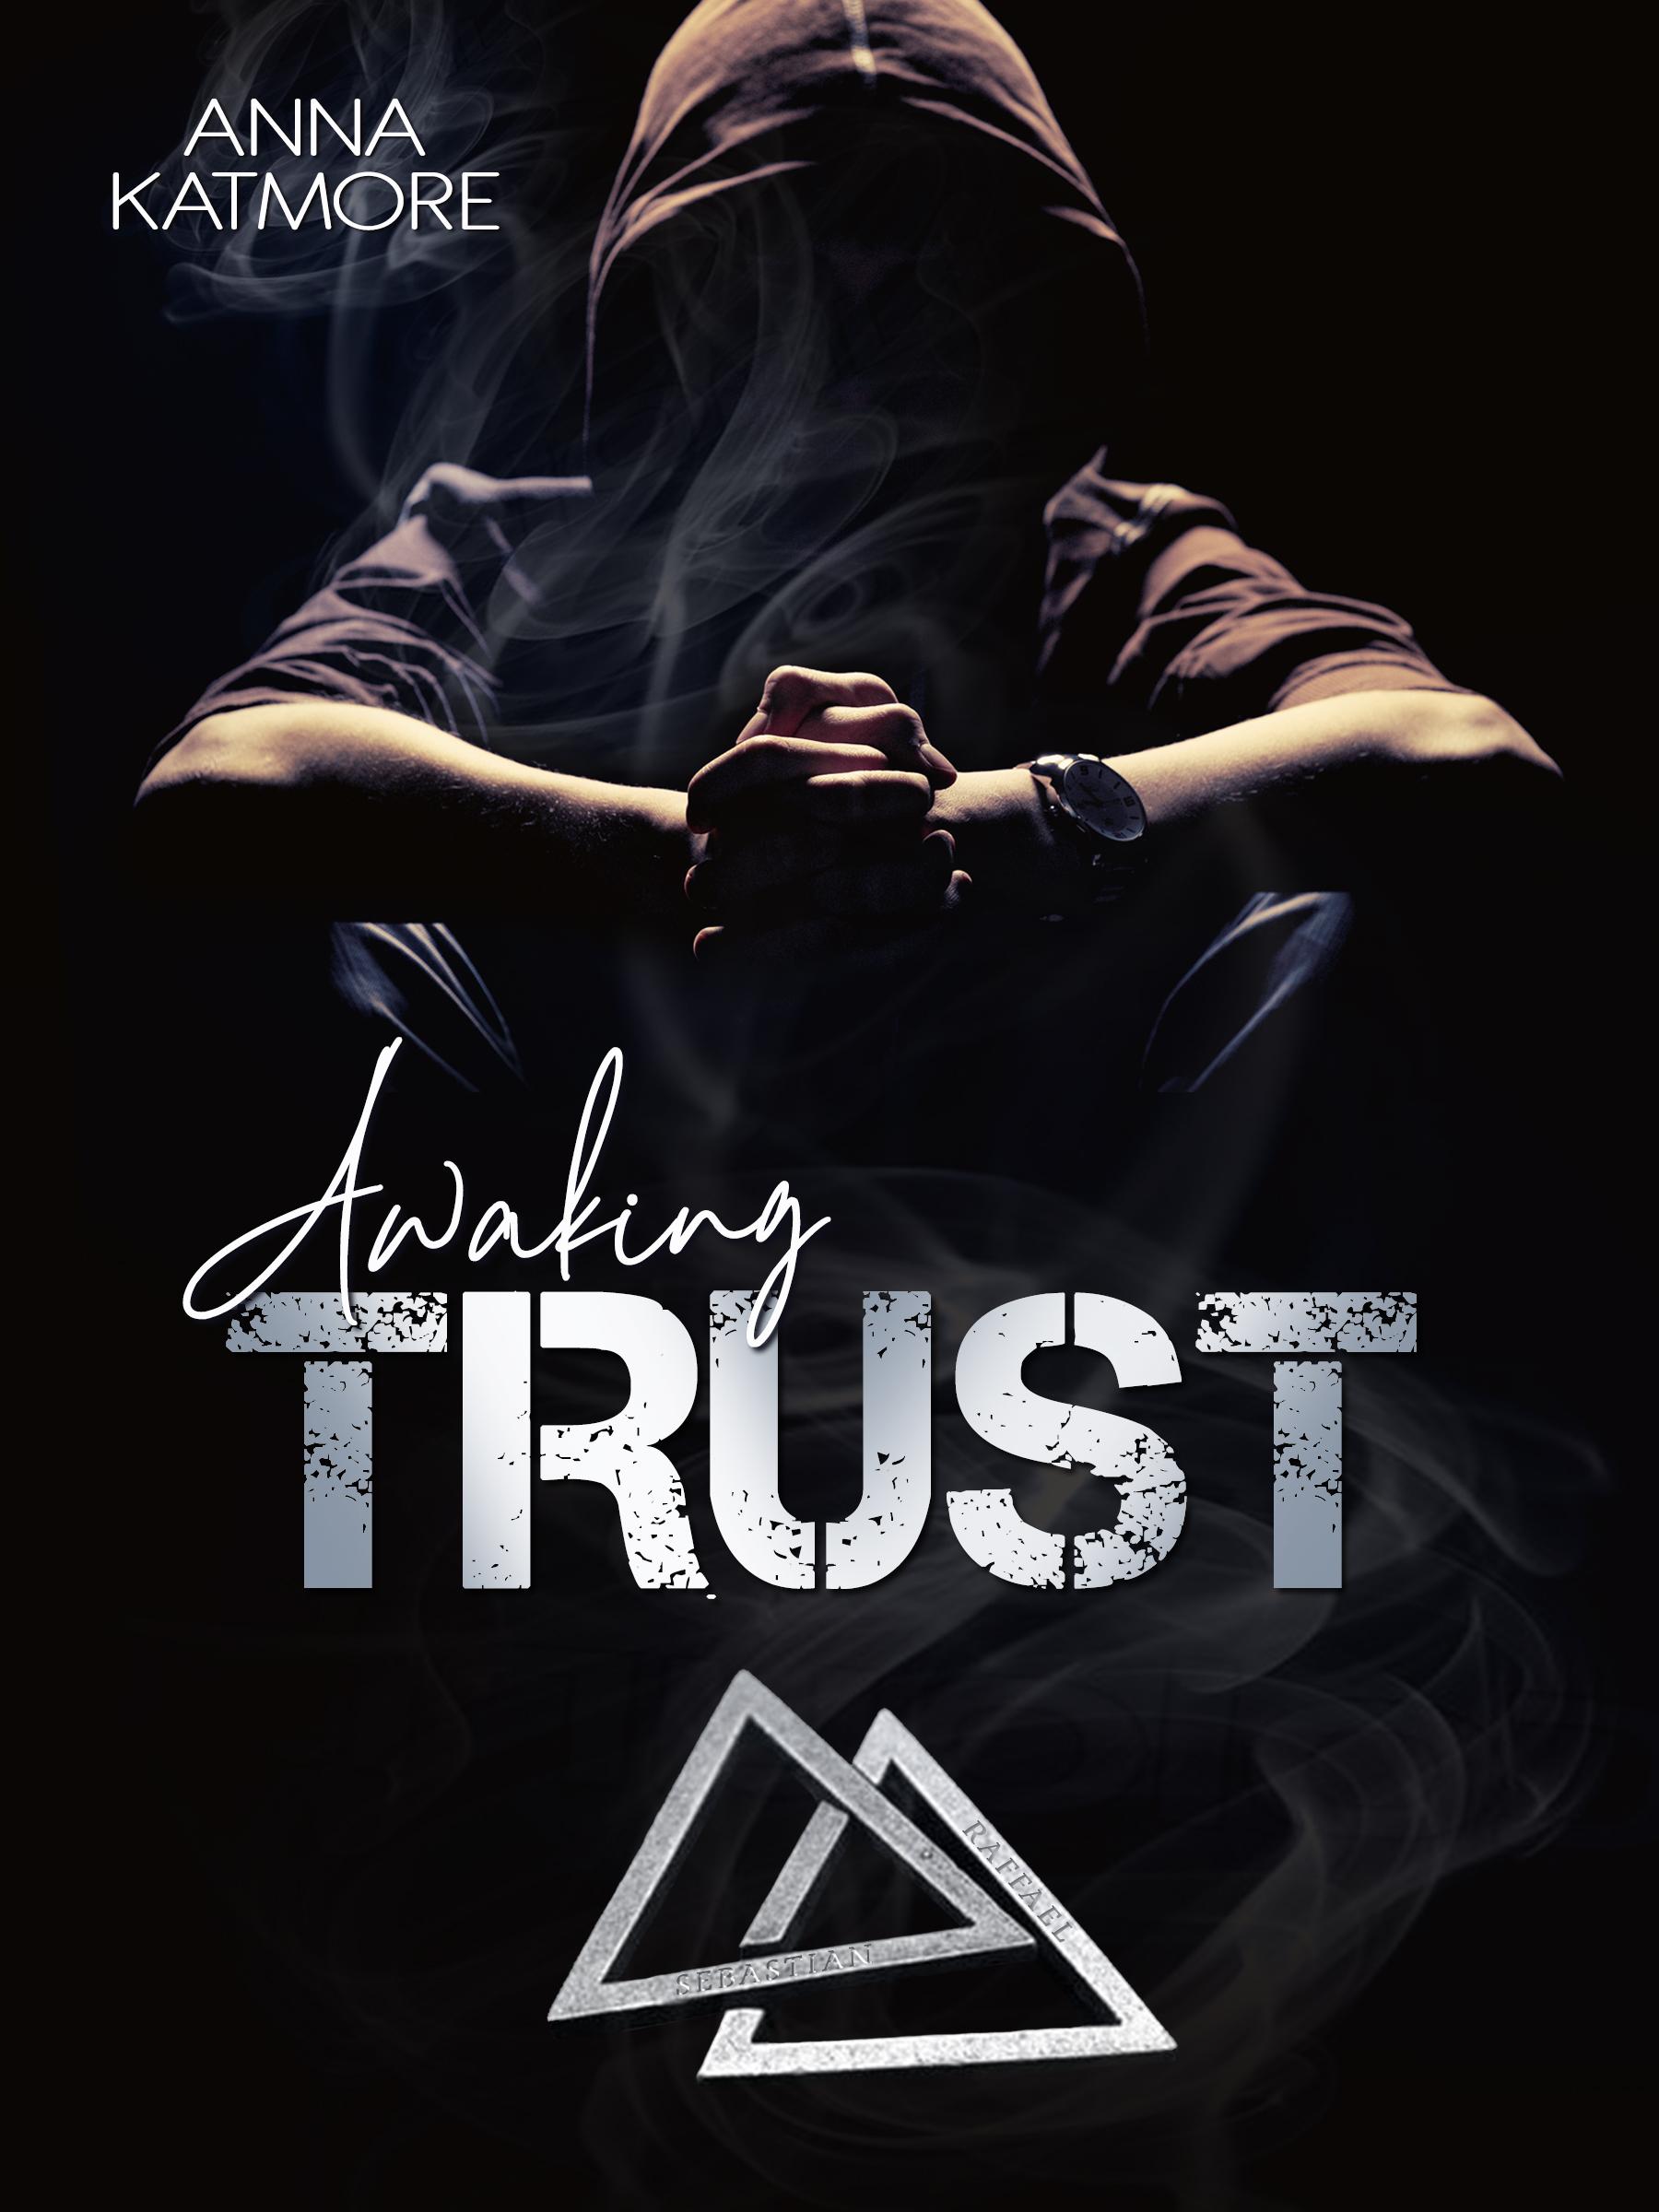 Awaking trust